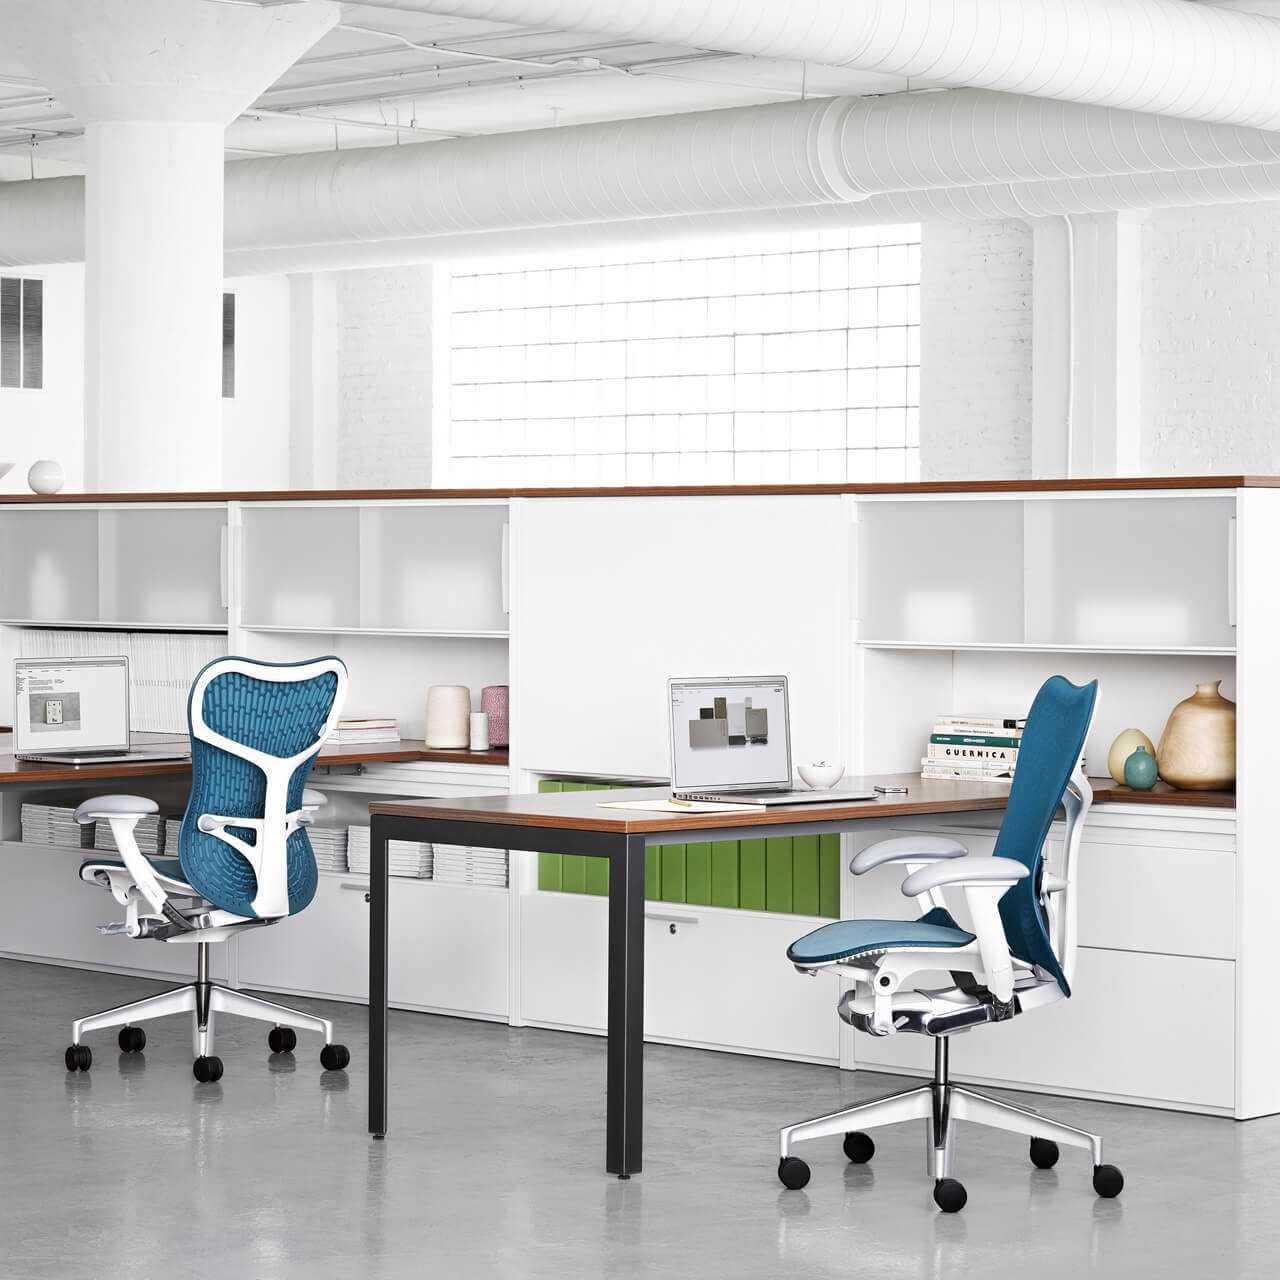 Herman miller mirra 2 ergonomische bureaustoelen 0012s 0011 Omgeving foto